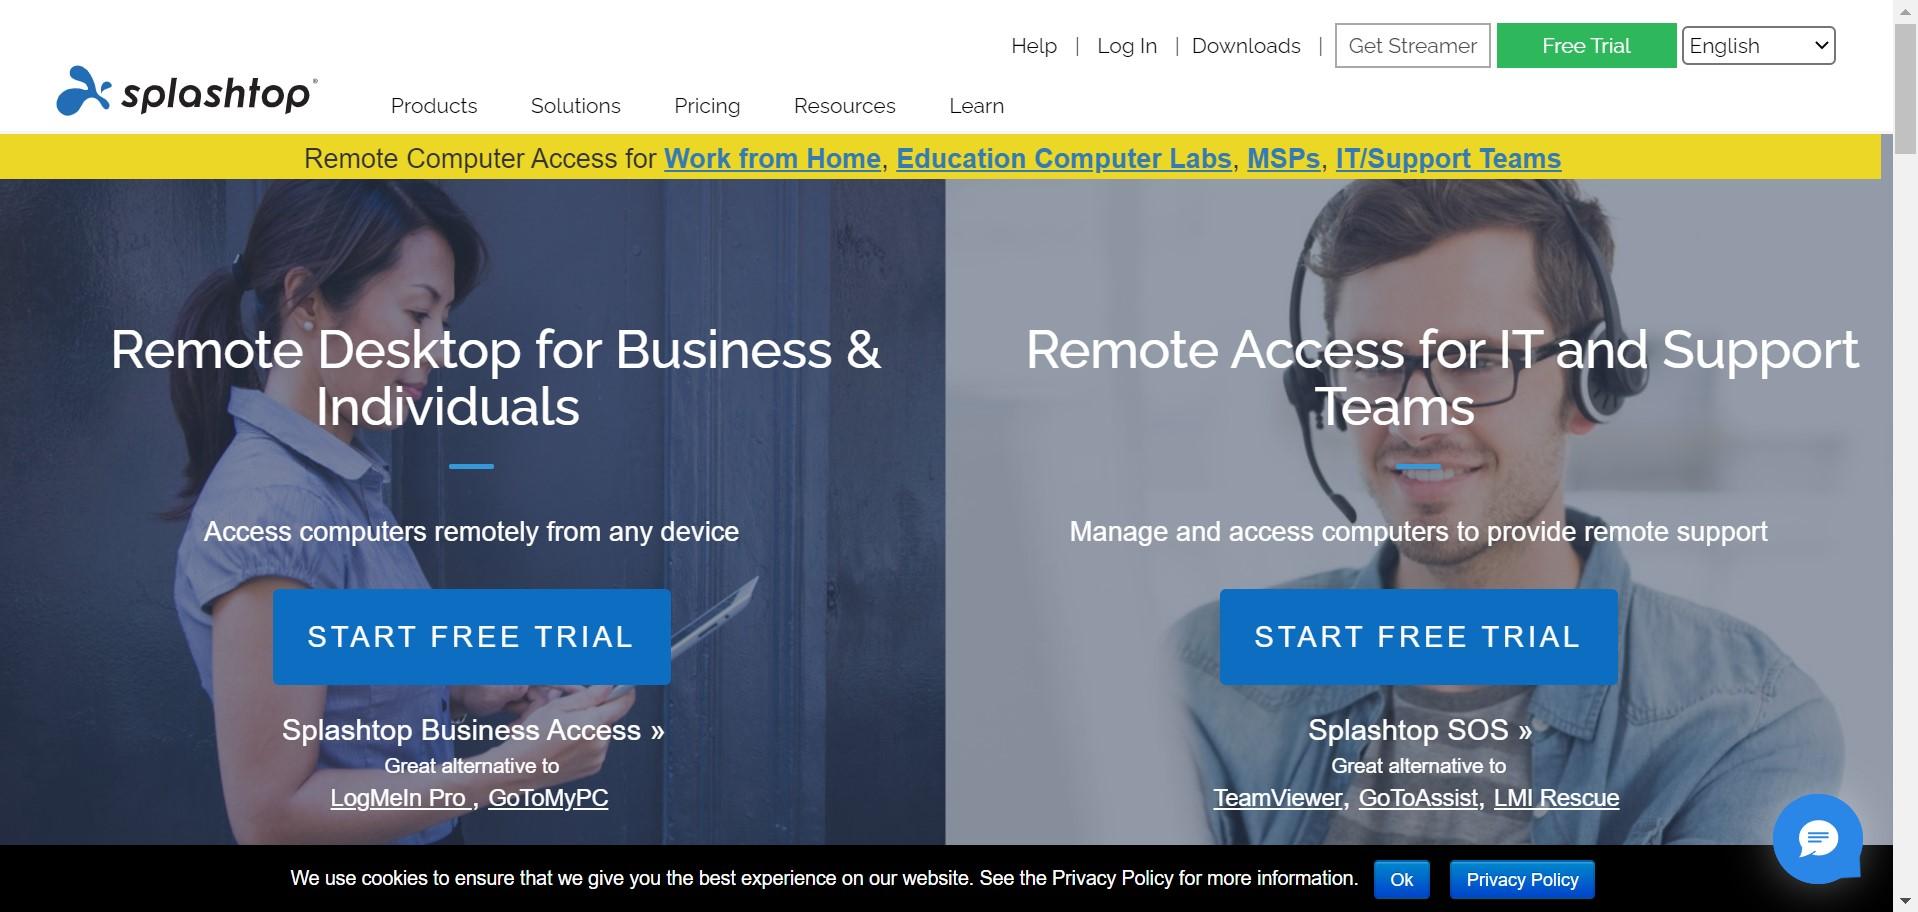 splashtop remote desktop apps